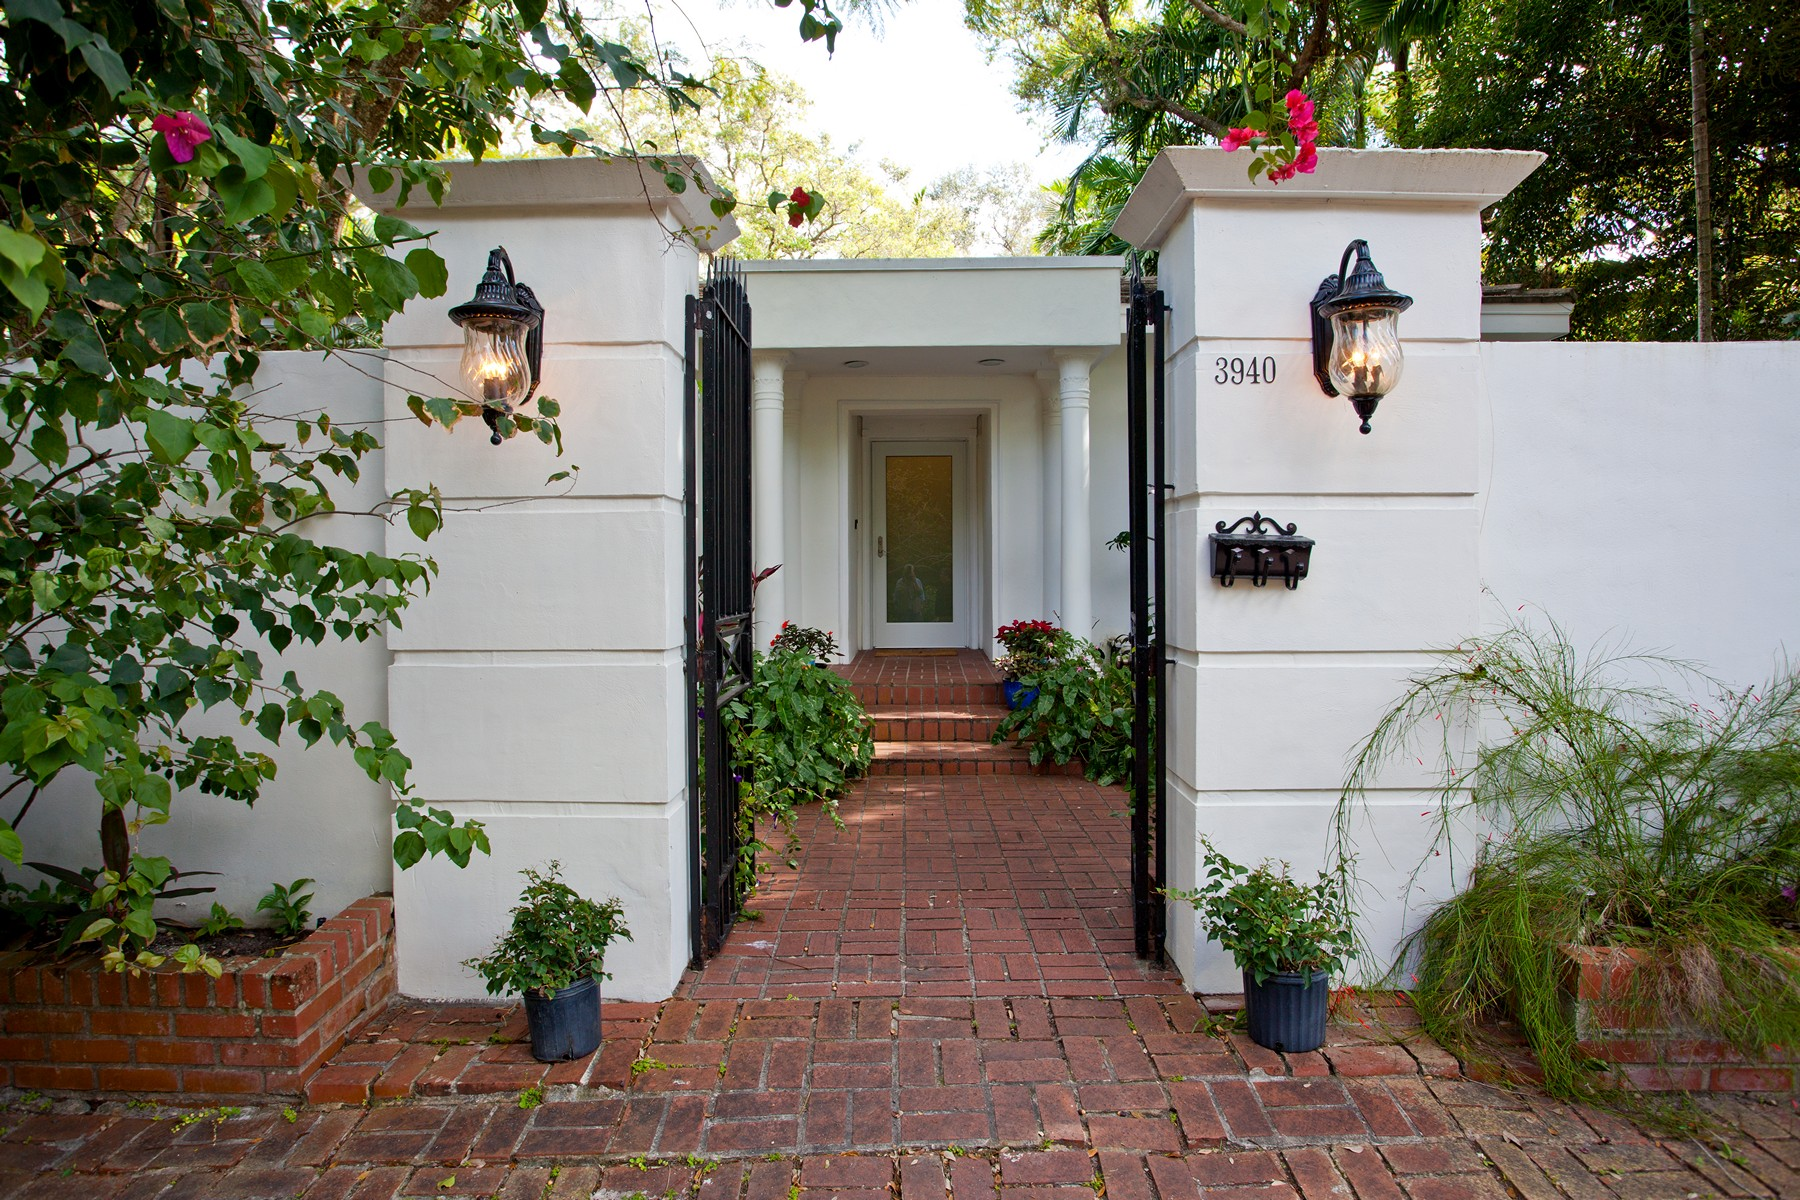 Terreno para Venda às 3940 Utopia Ct 3940 Utopia Ave Coral Gables, Florida 33133 Estados Unidos